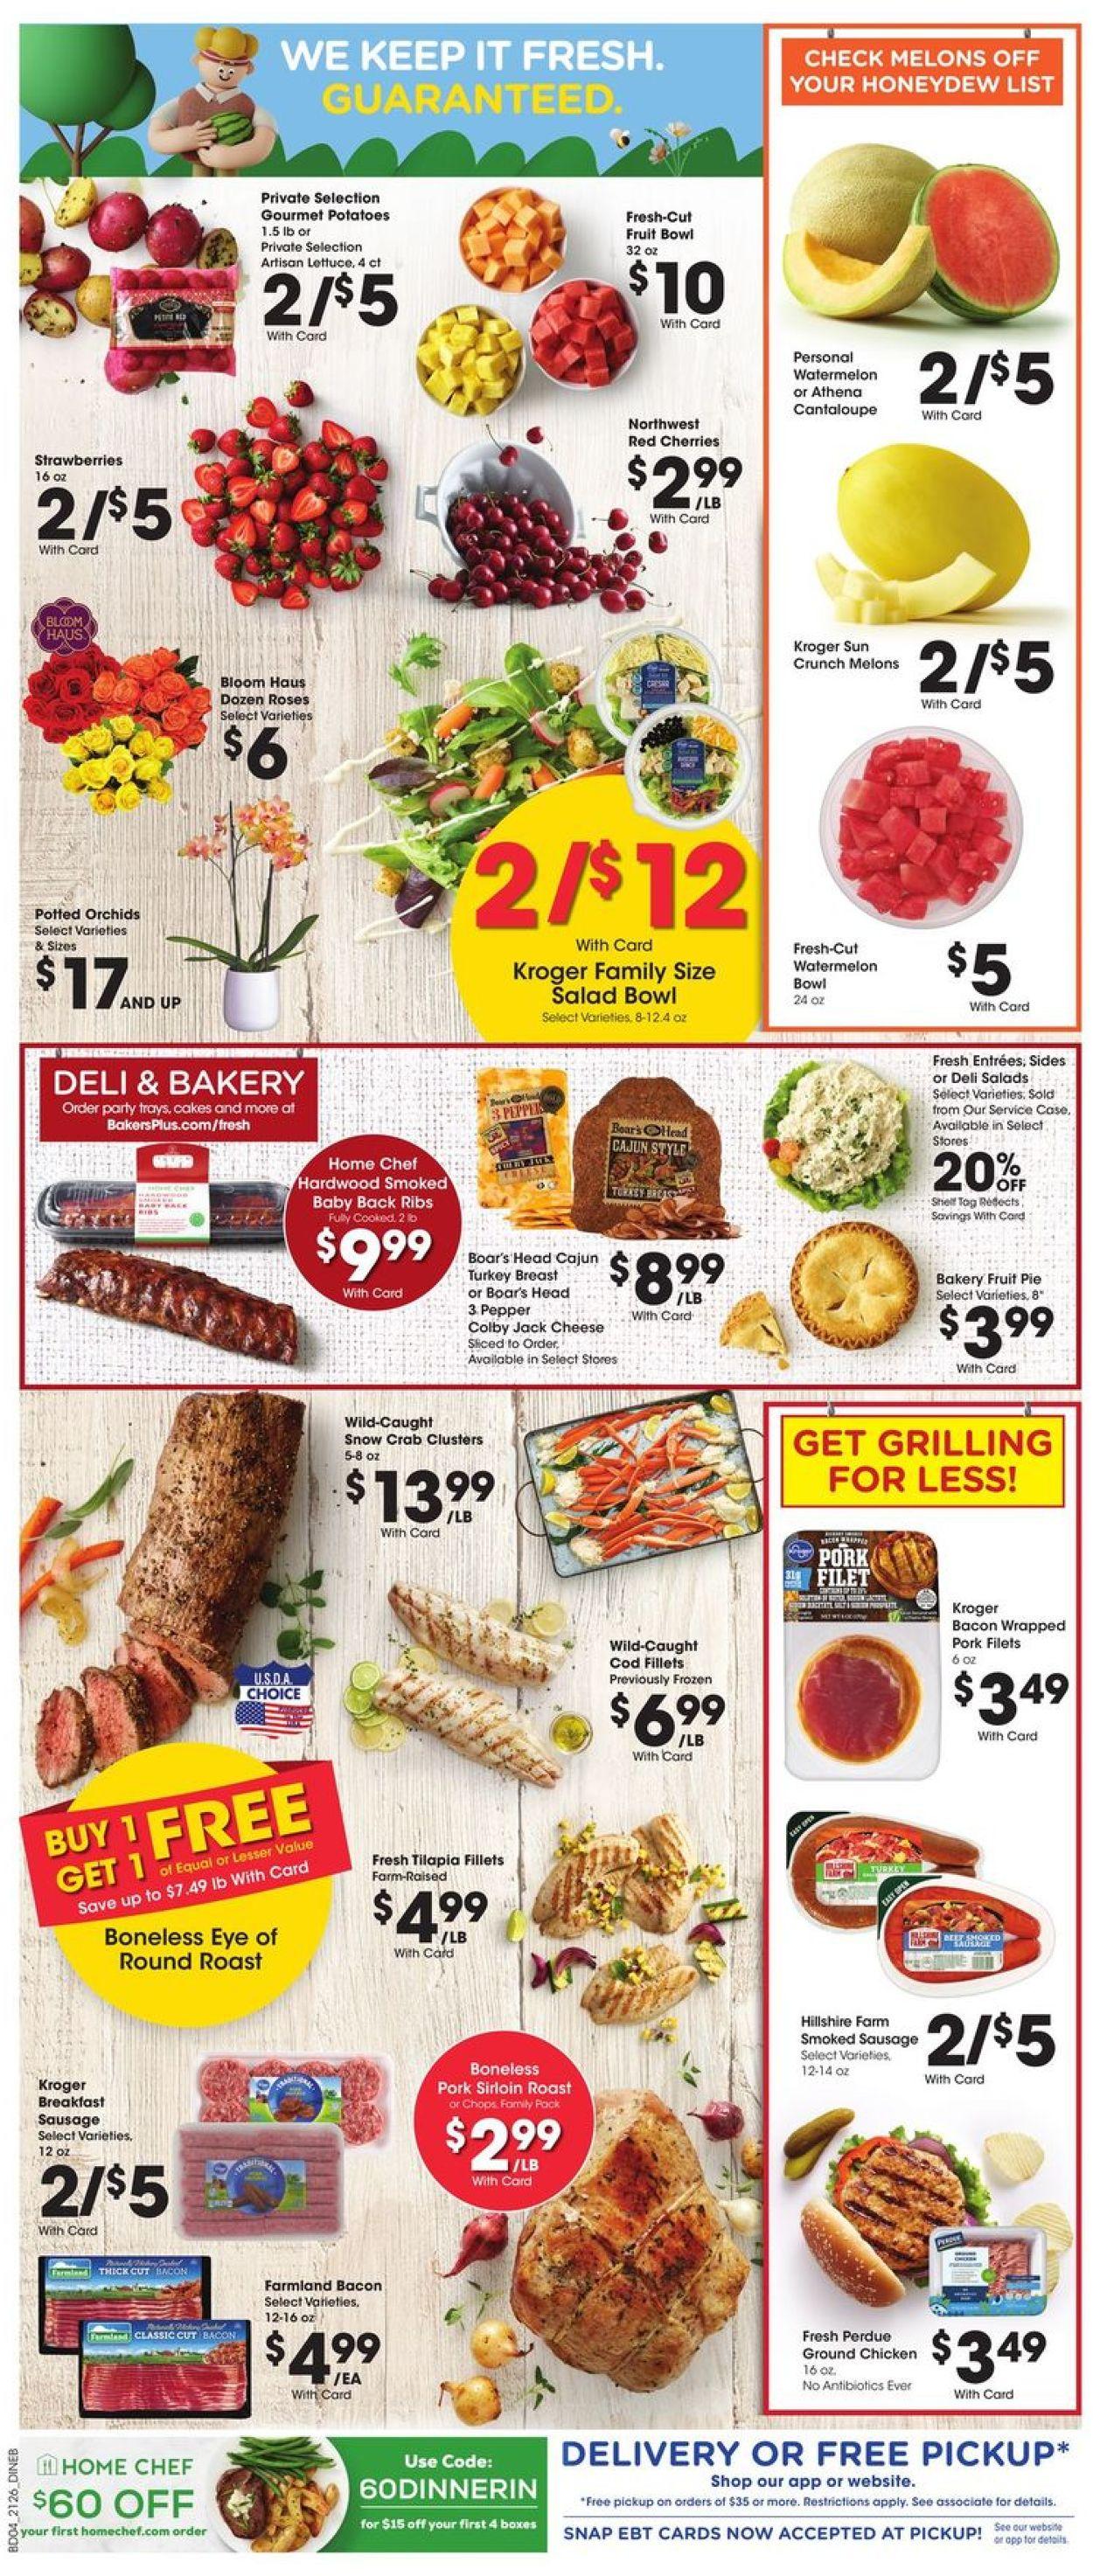 Baker's Weekly Ad Circular - valid 07/28-08/03/2021 (Page 5)